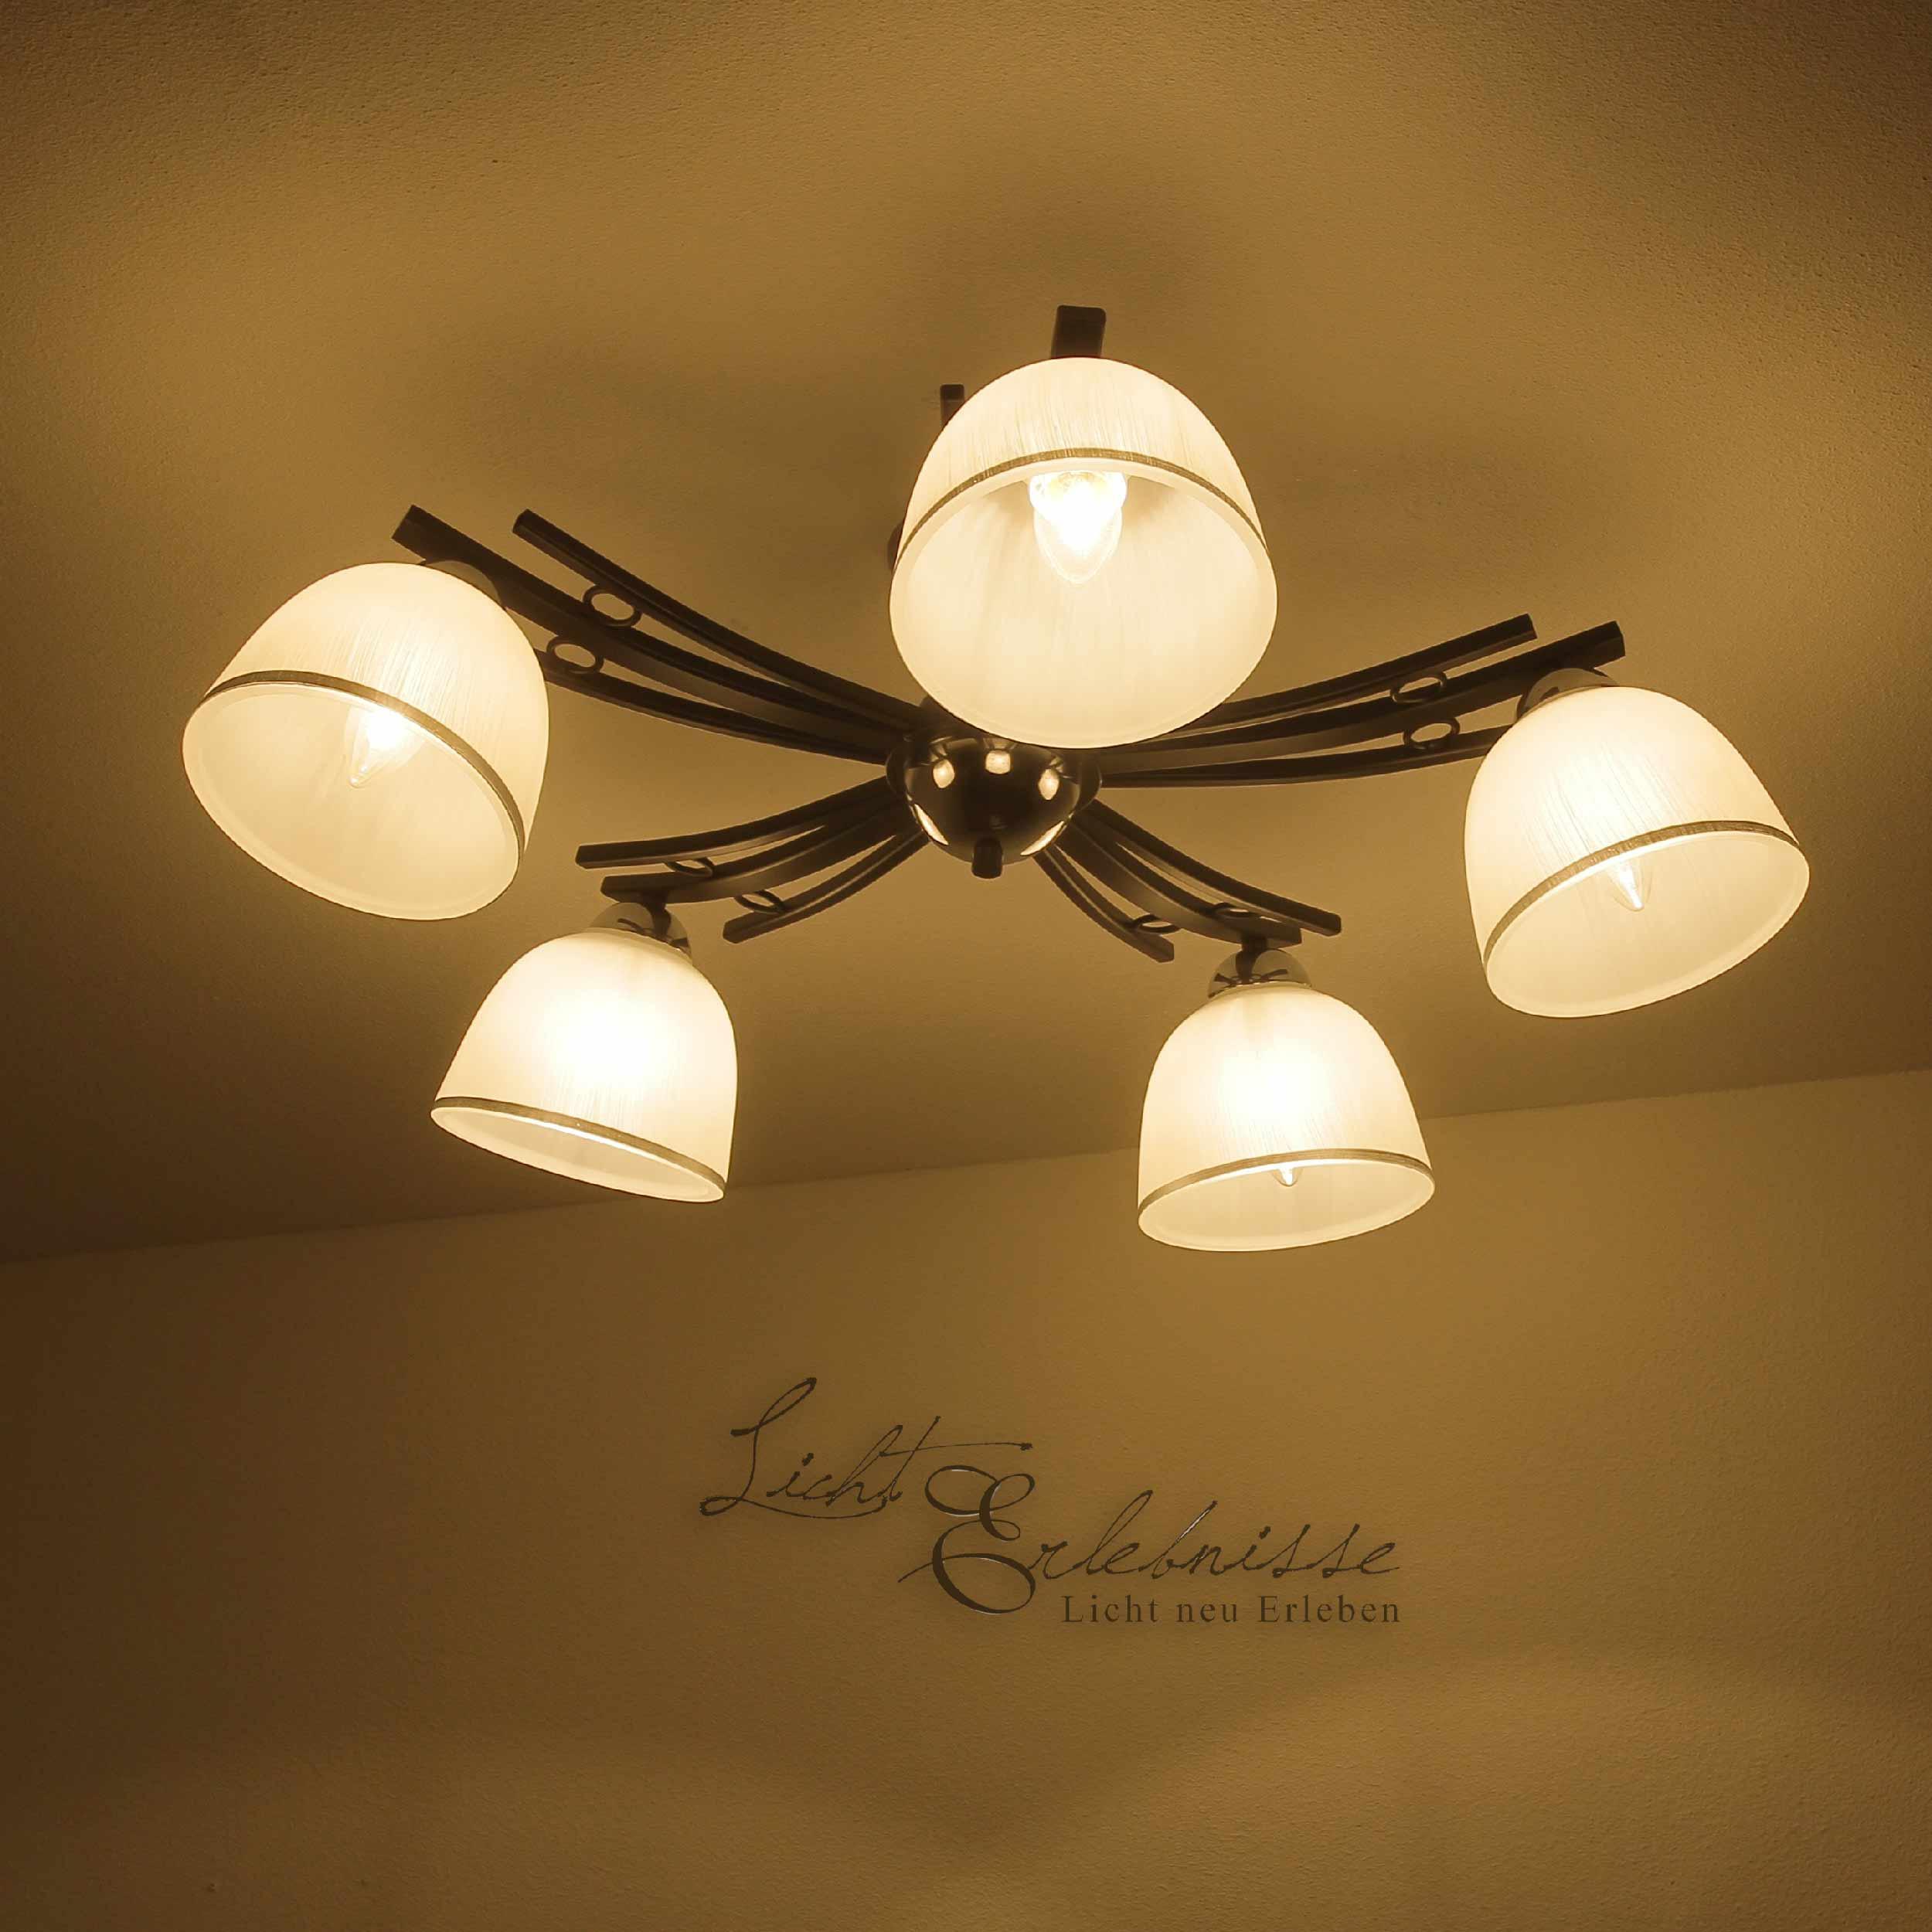 Deckenleuchte Landhaus schwarz weiß 5x E27 Ø76cm Lampe Decke Wohnzimmer Glas   eBay